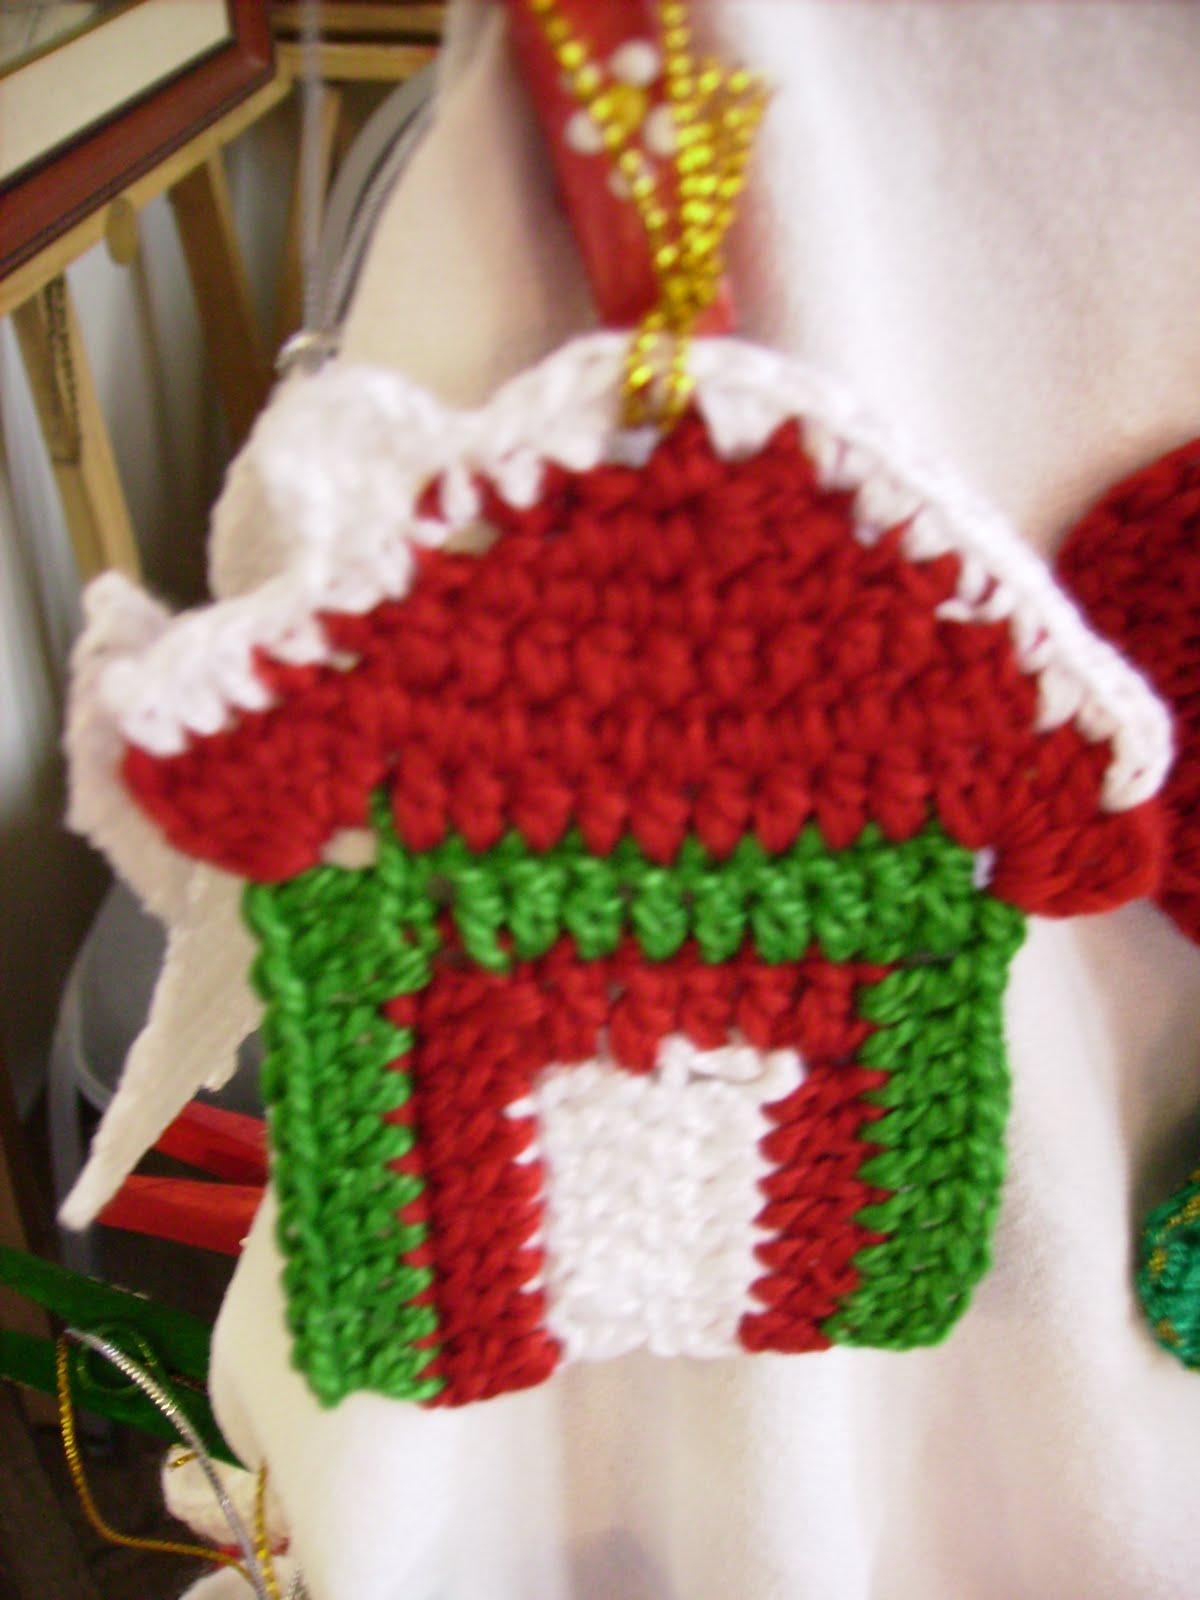 Adornos de navidad tejidos al crochet imagui for Adornos navidenos tejidos a crochet 2016